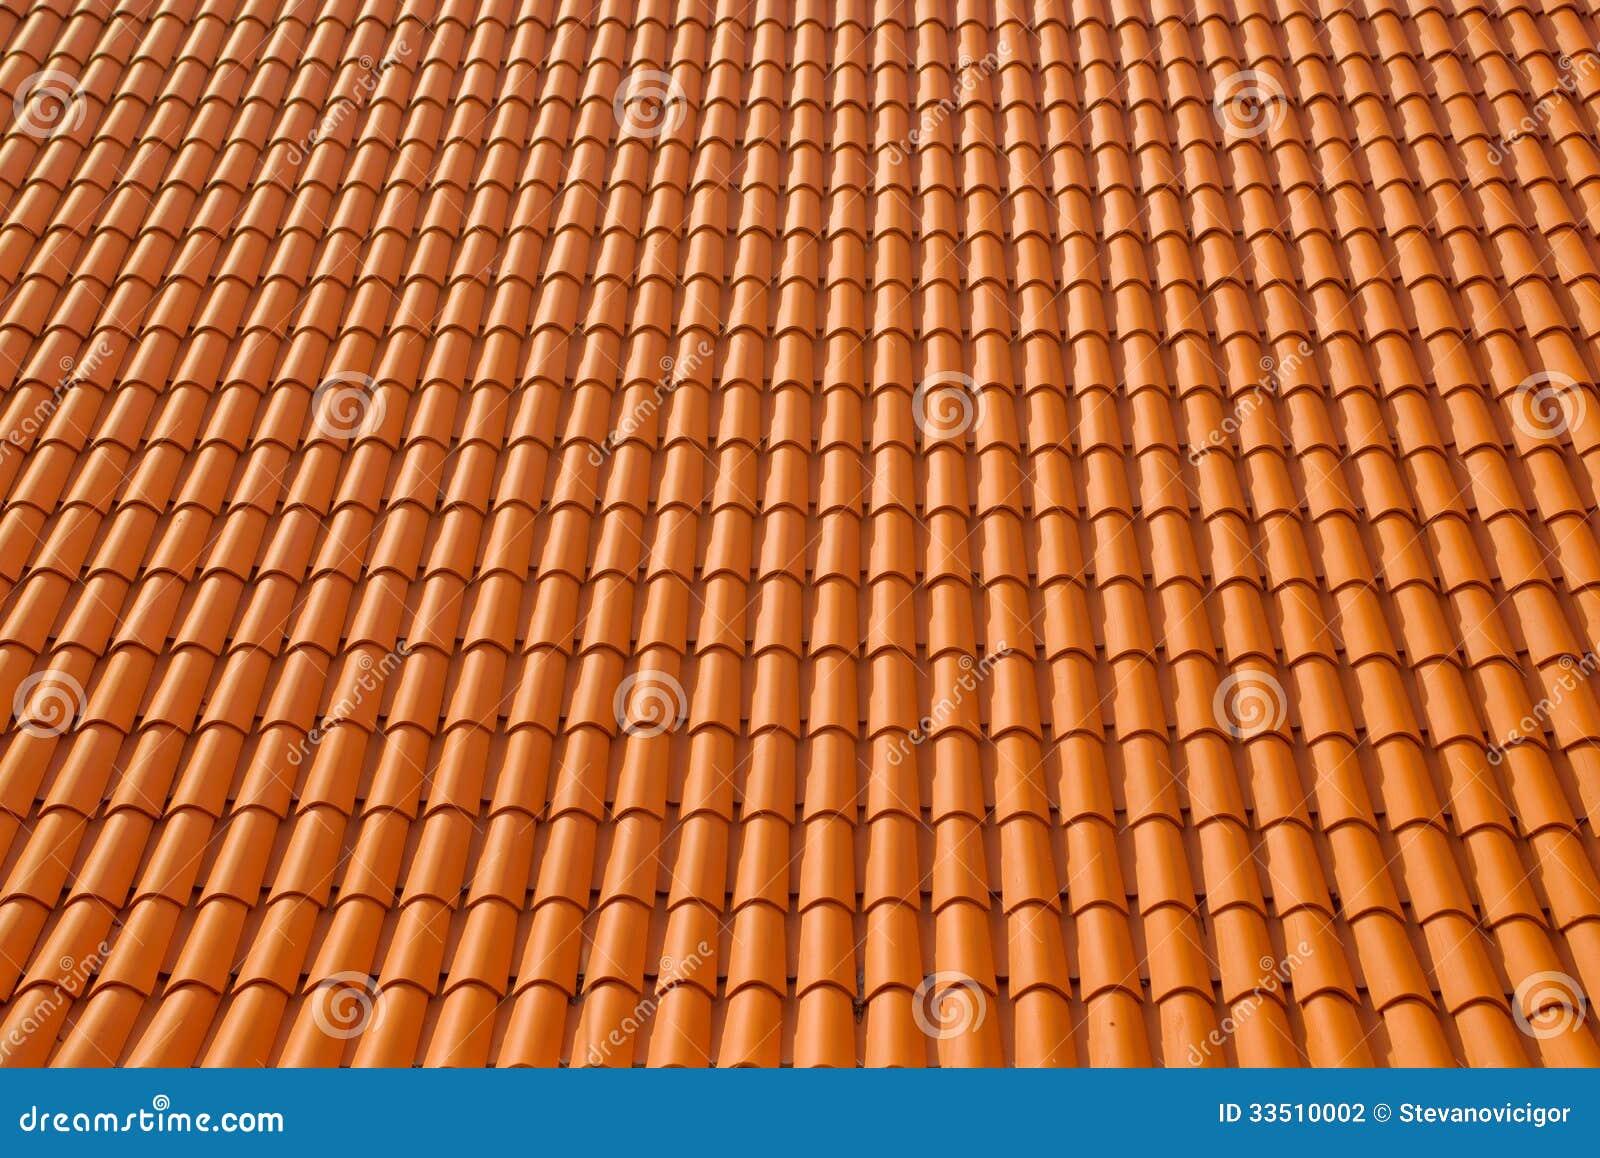 Tipos De Tejados Para Casas - Diseños Arquitectónicos - Mimasku.com